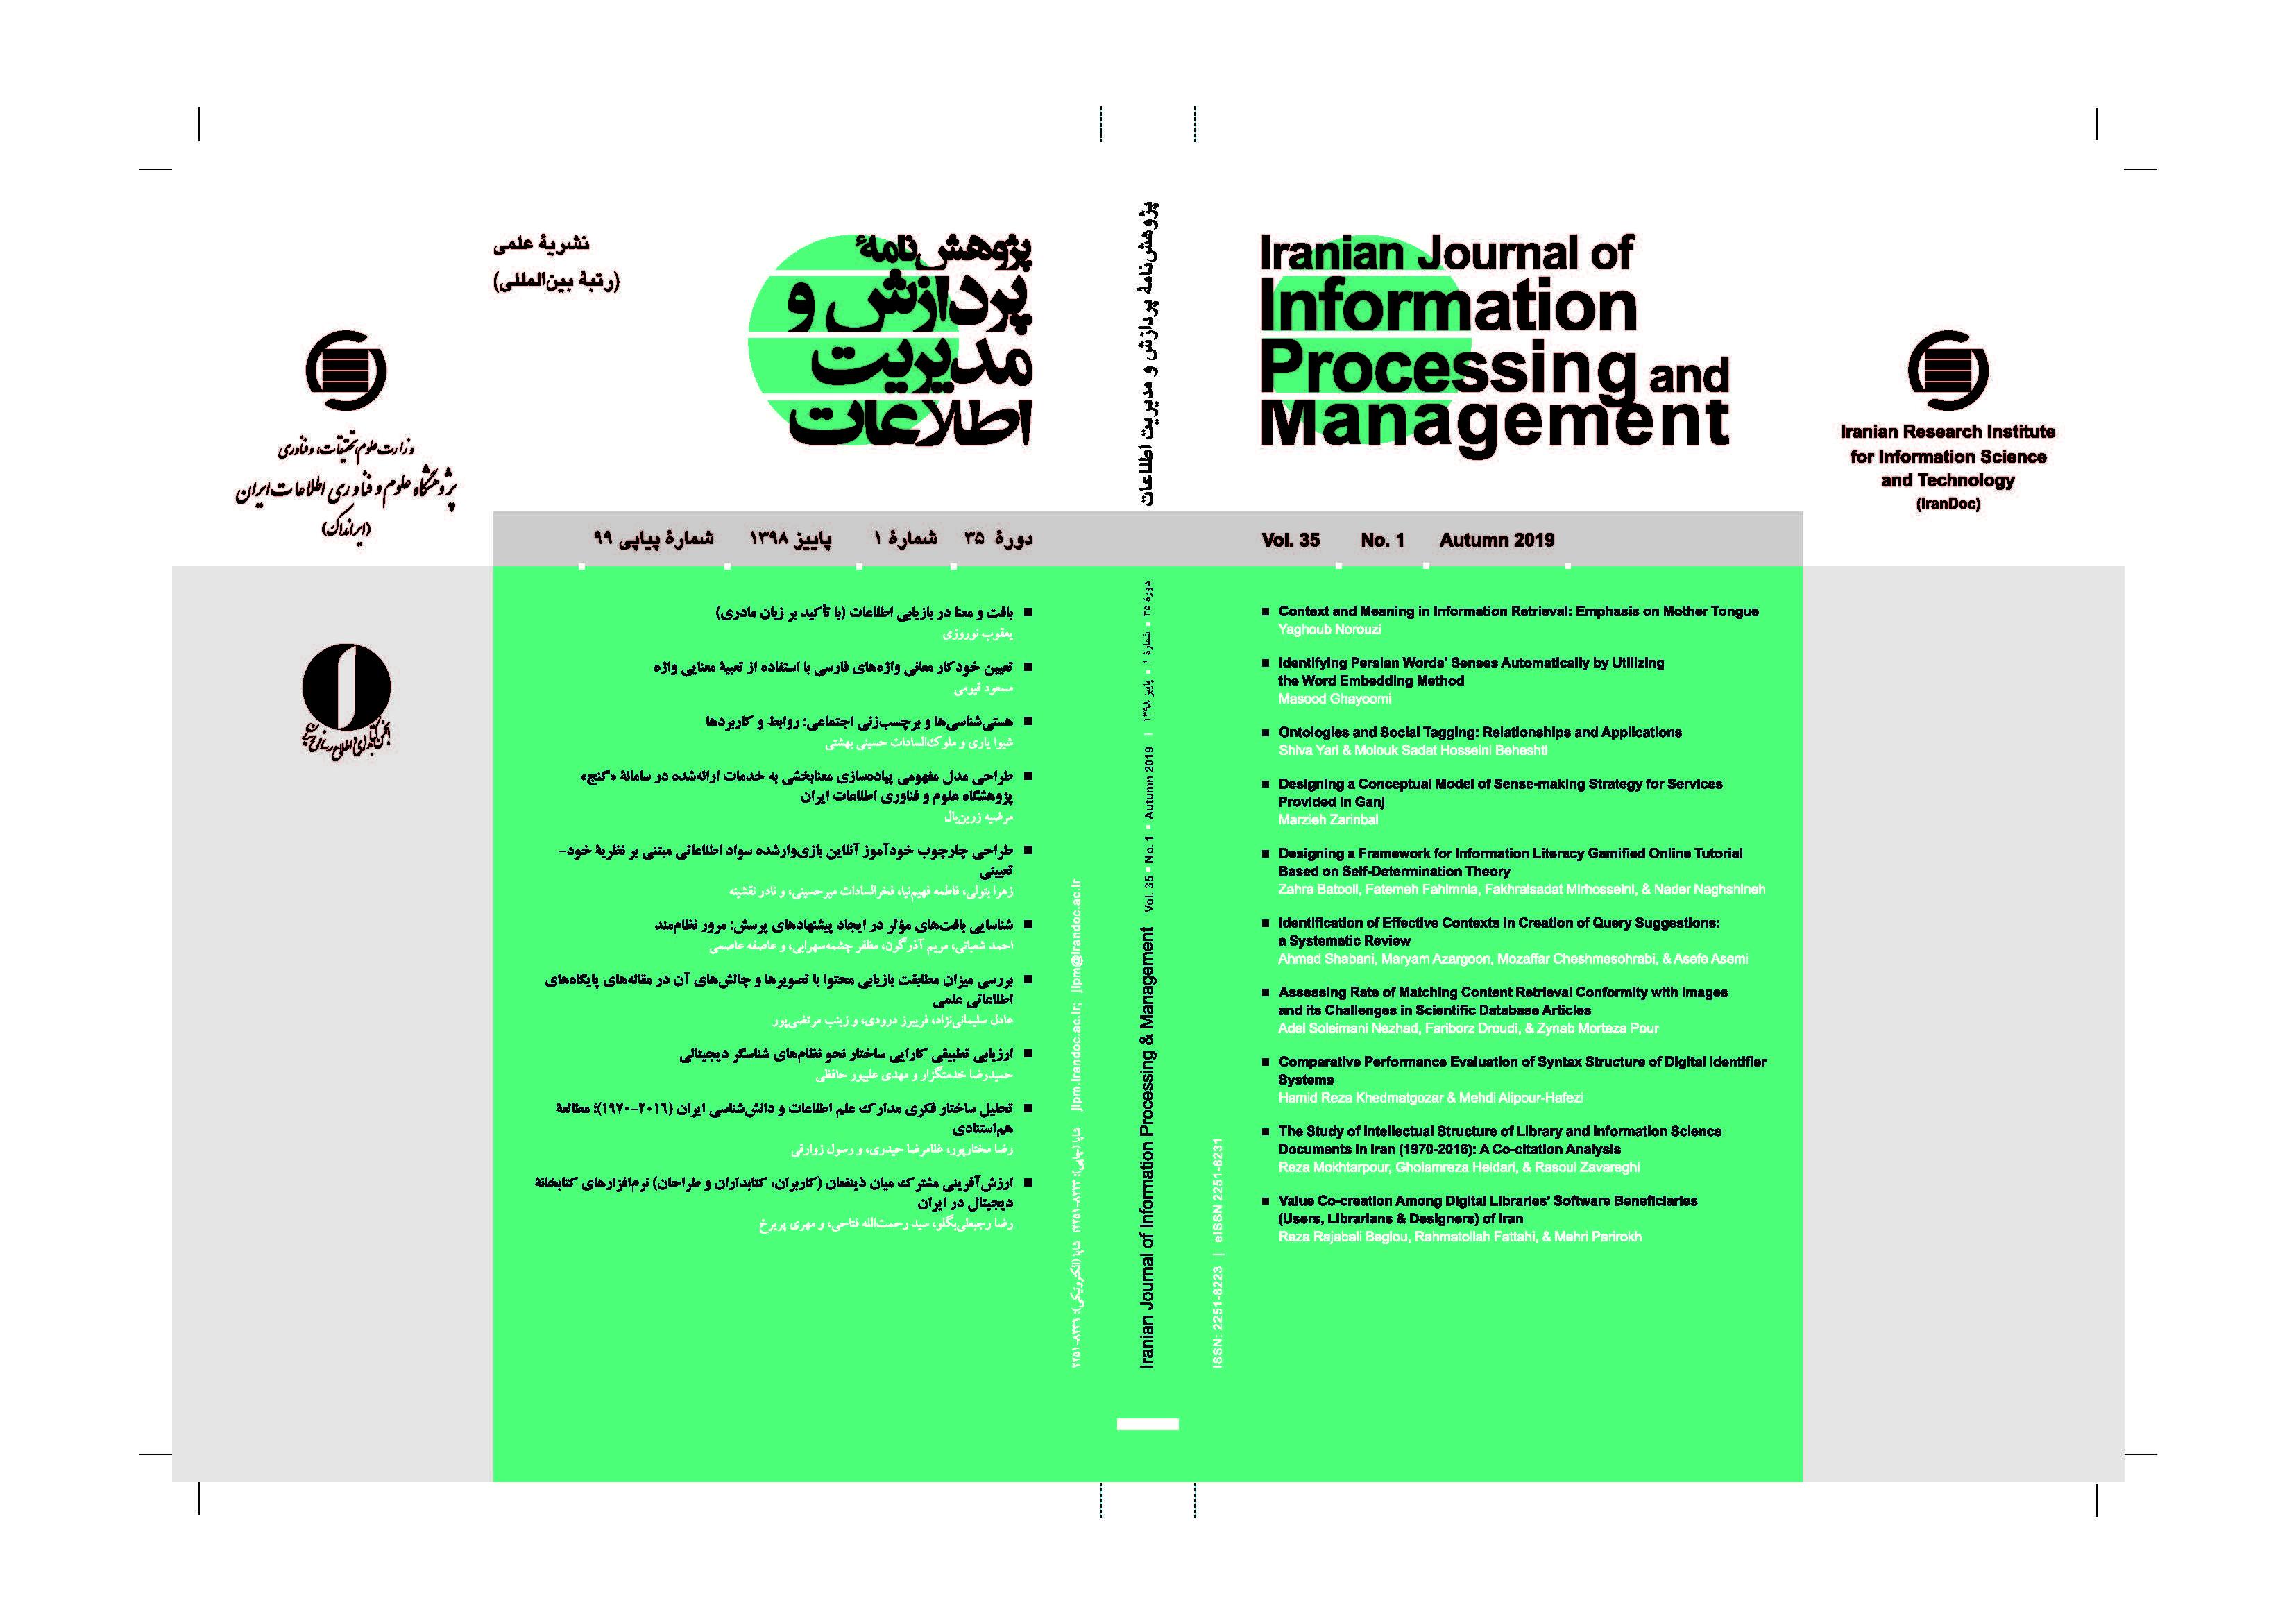 پژوهشنامه پردازش و مدیریت اطلاعات به رتبه بینالمللی ارتقا یافت